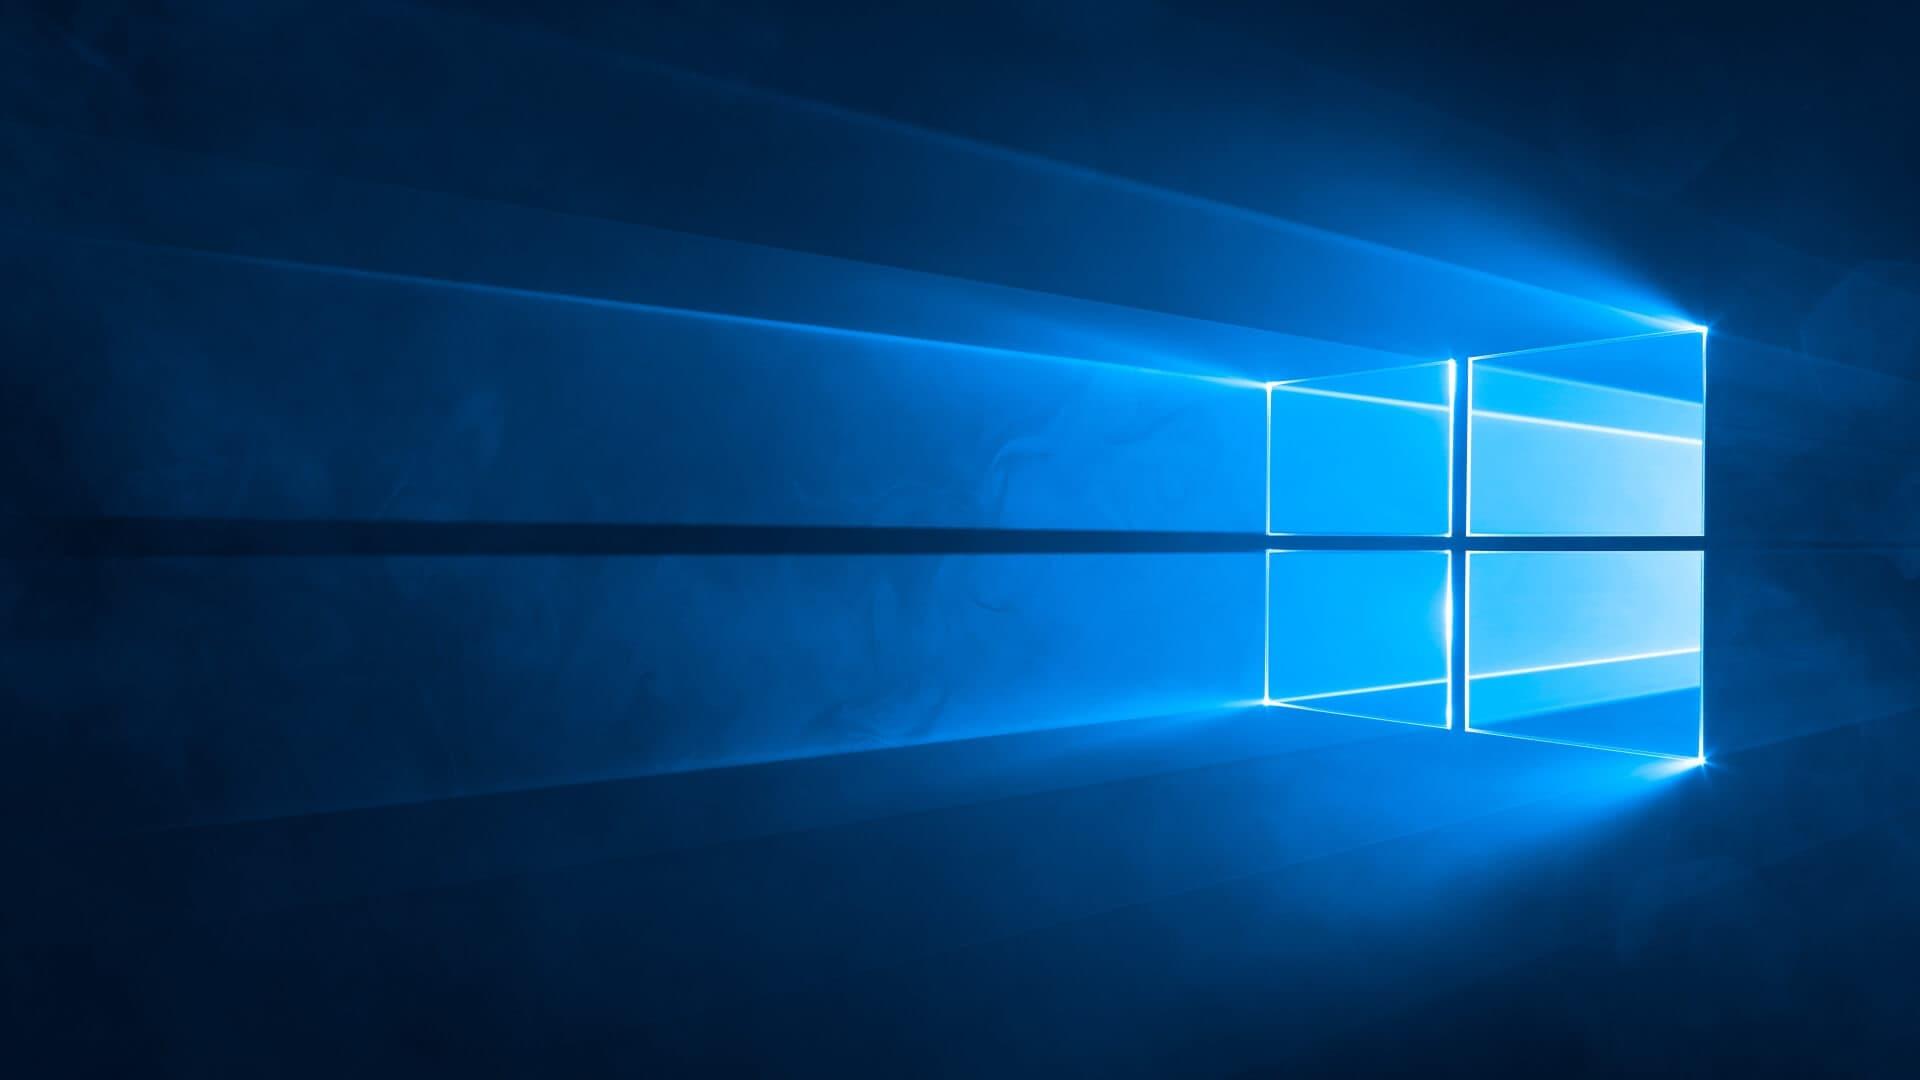 Windows 10 veut vous alerter sur les applications qui se lancent au démarrage